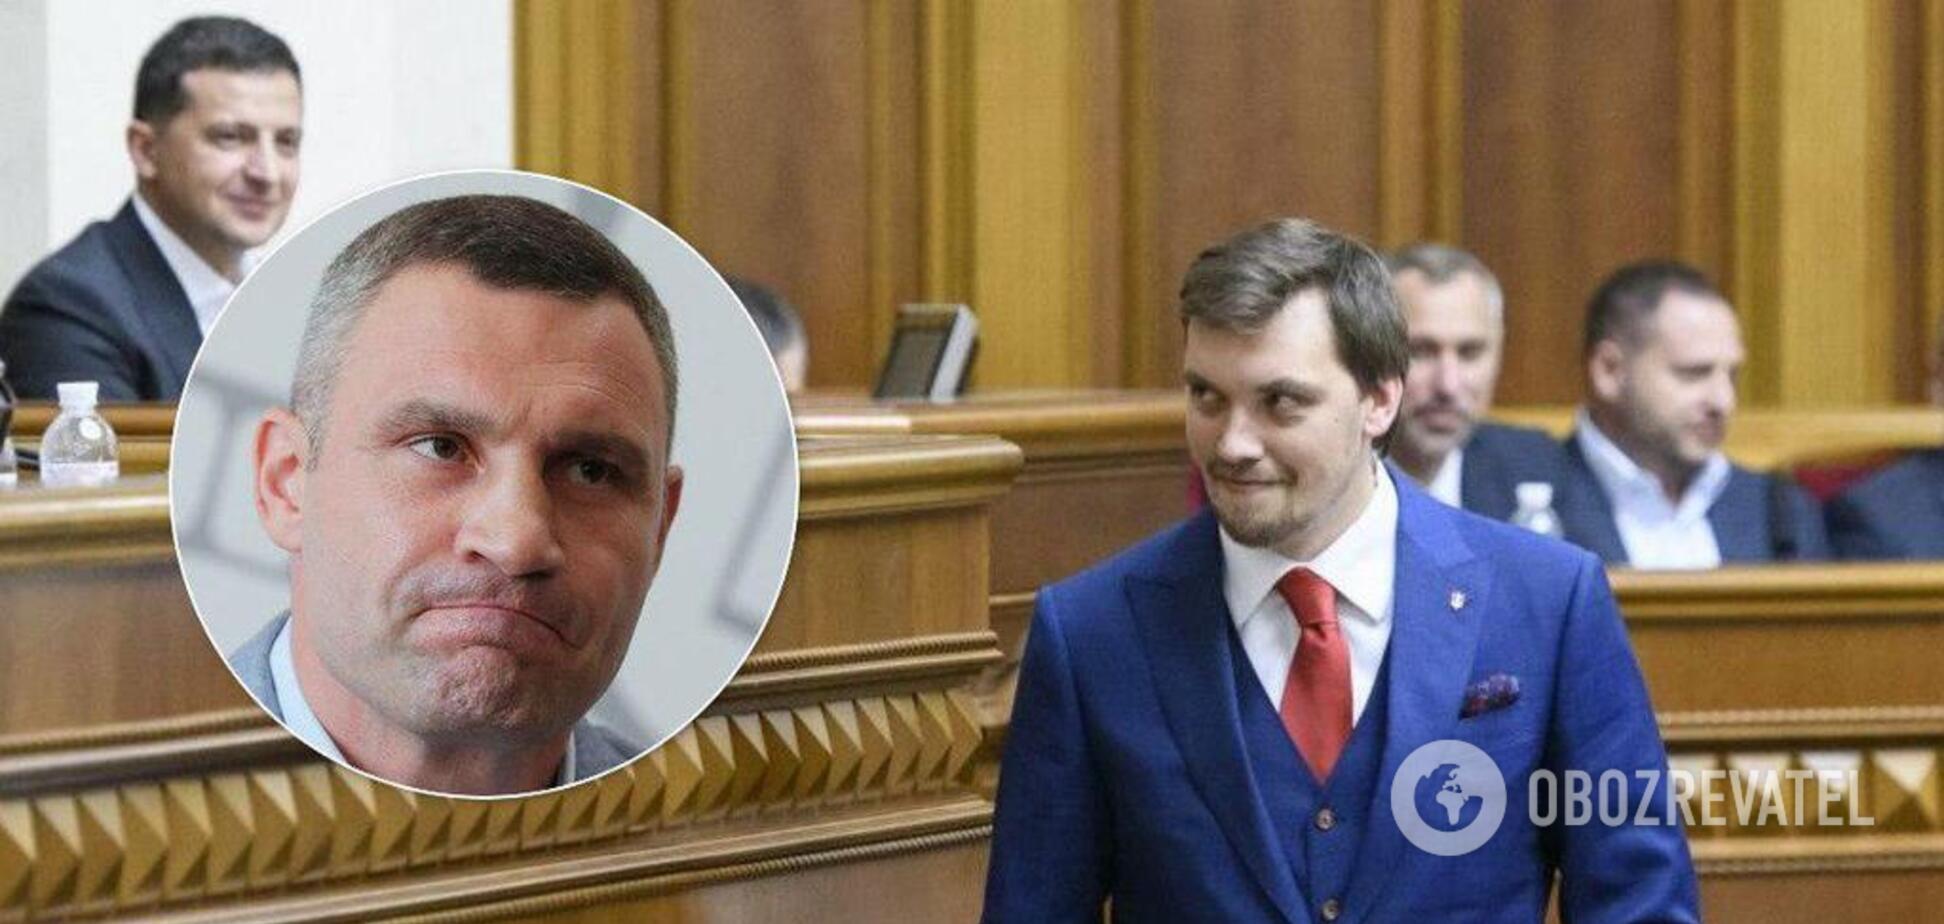 Кабмин решил уволить Кличко: что произошло